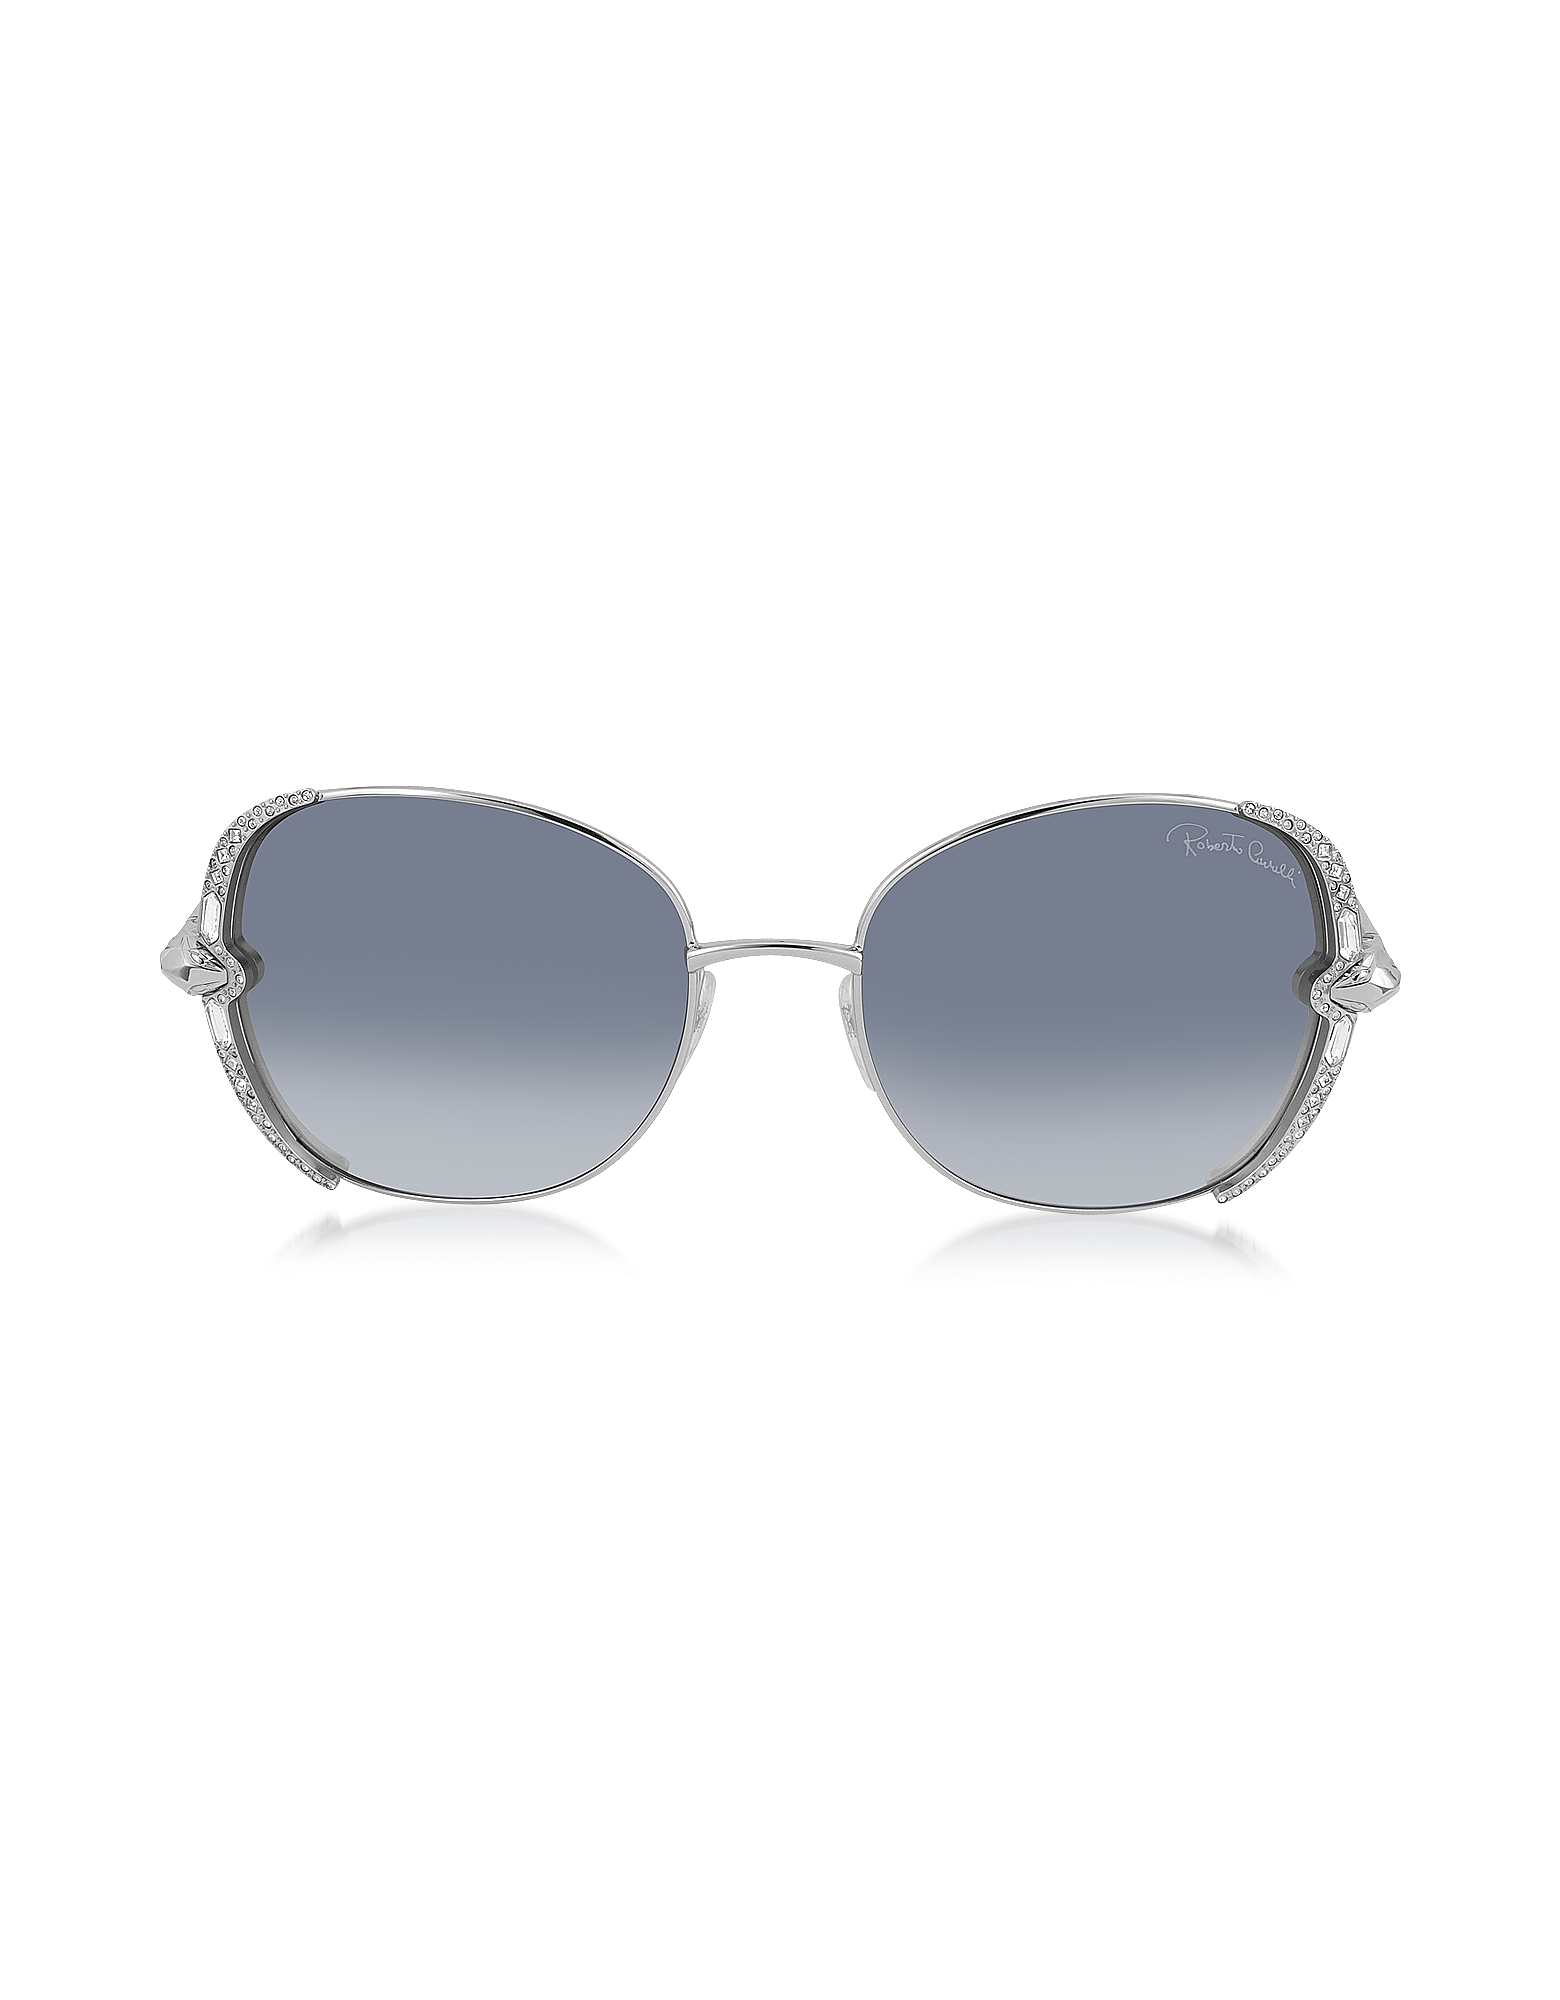 SUBRA 974S - Большие Женские Солнечные Очки в Квадратной Оправе с Кристаллами